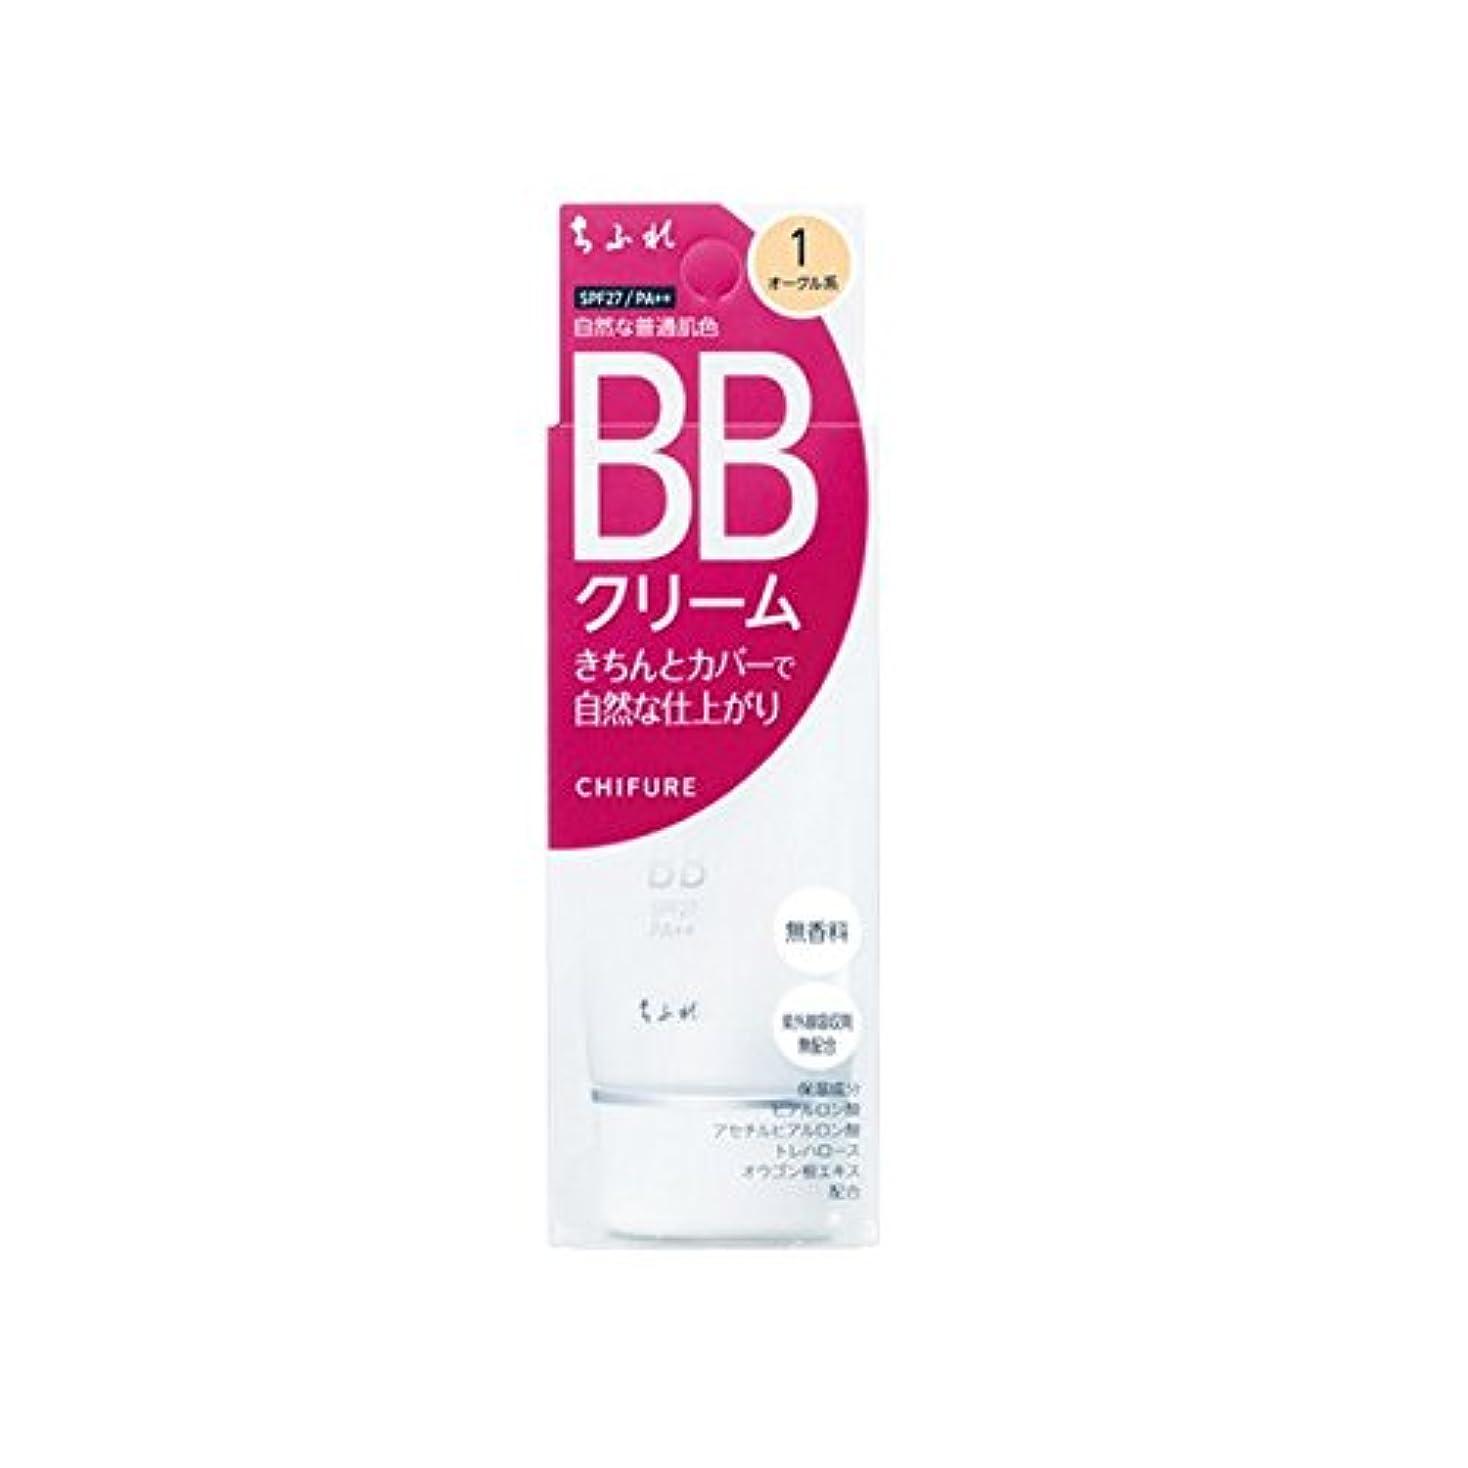 好む薬局常識ちふれ化粧品 BB クリーム 1 自然な普通肌色 BBクリーム 1